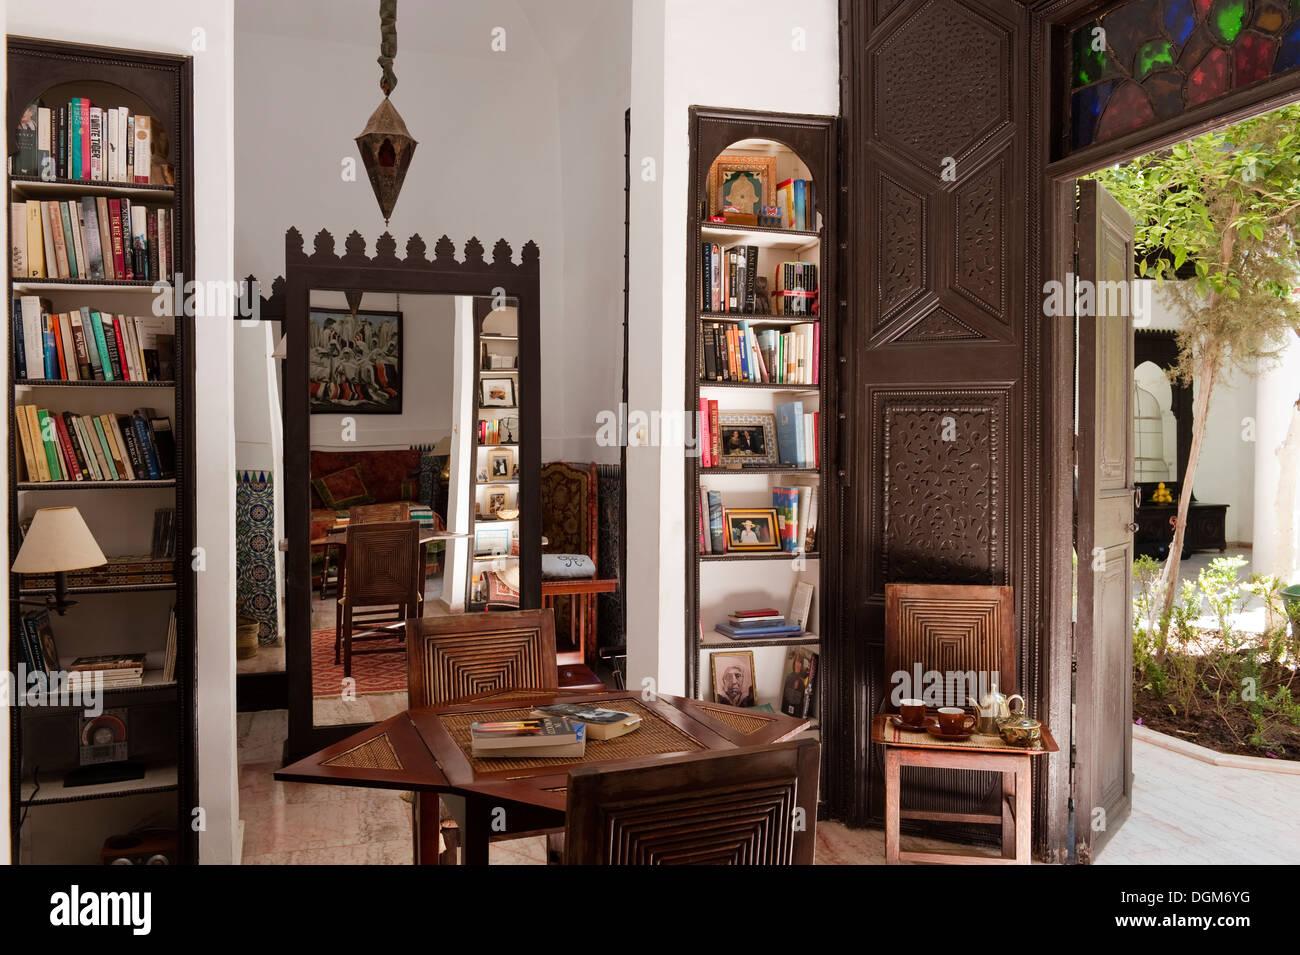 Belle étude marocaine/bibliothèque dans la maison marocaine appartenant à un design intérieur bien connu - duo Kramer & Raynaud Photo Stock